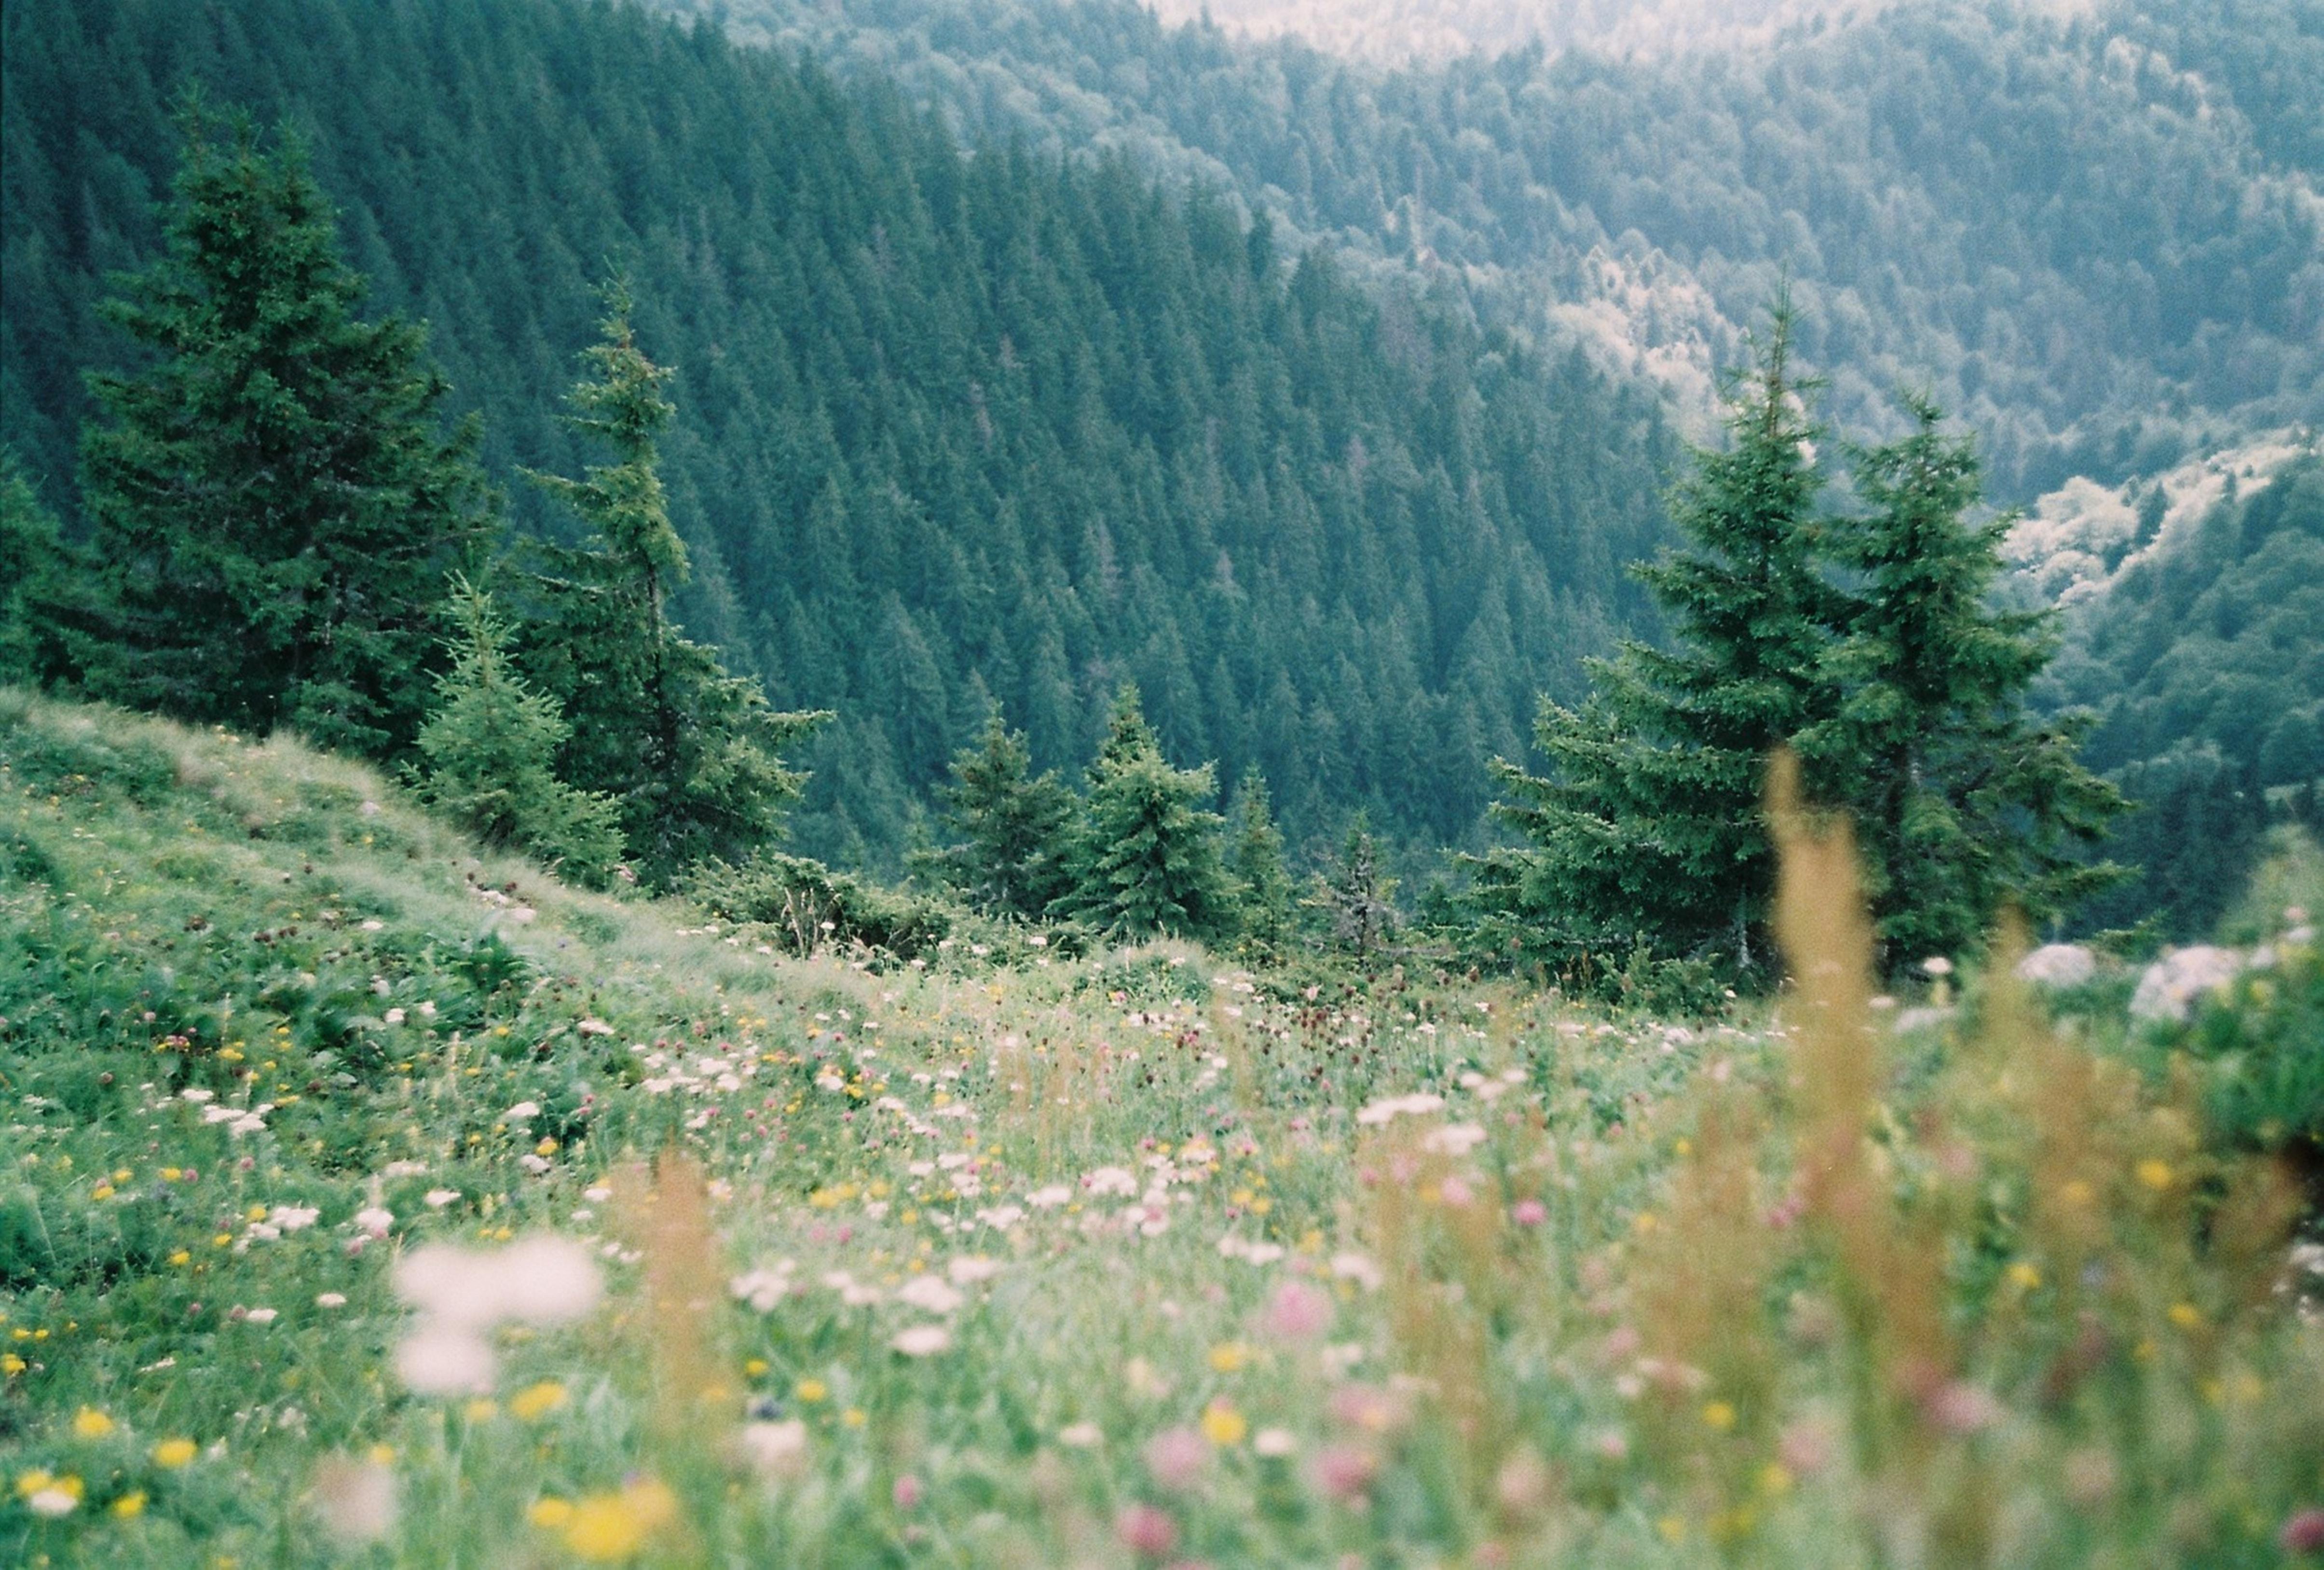 flower field near green pine trees